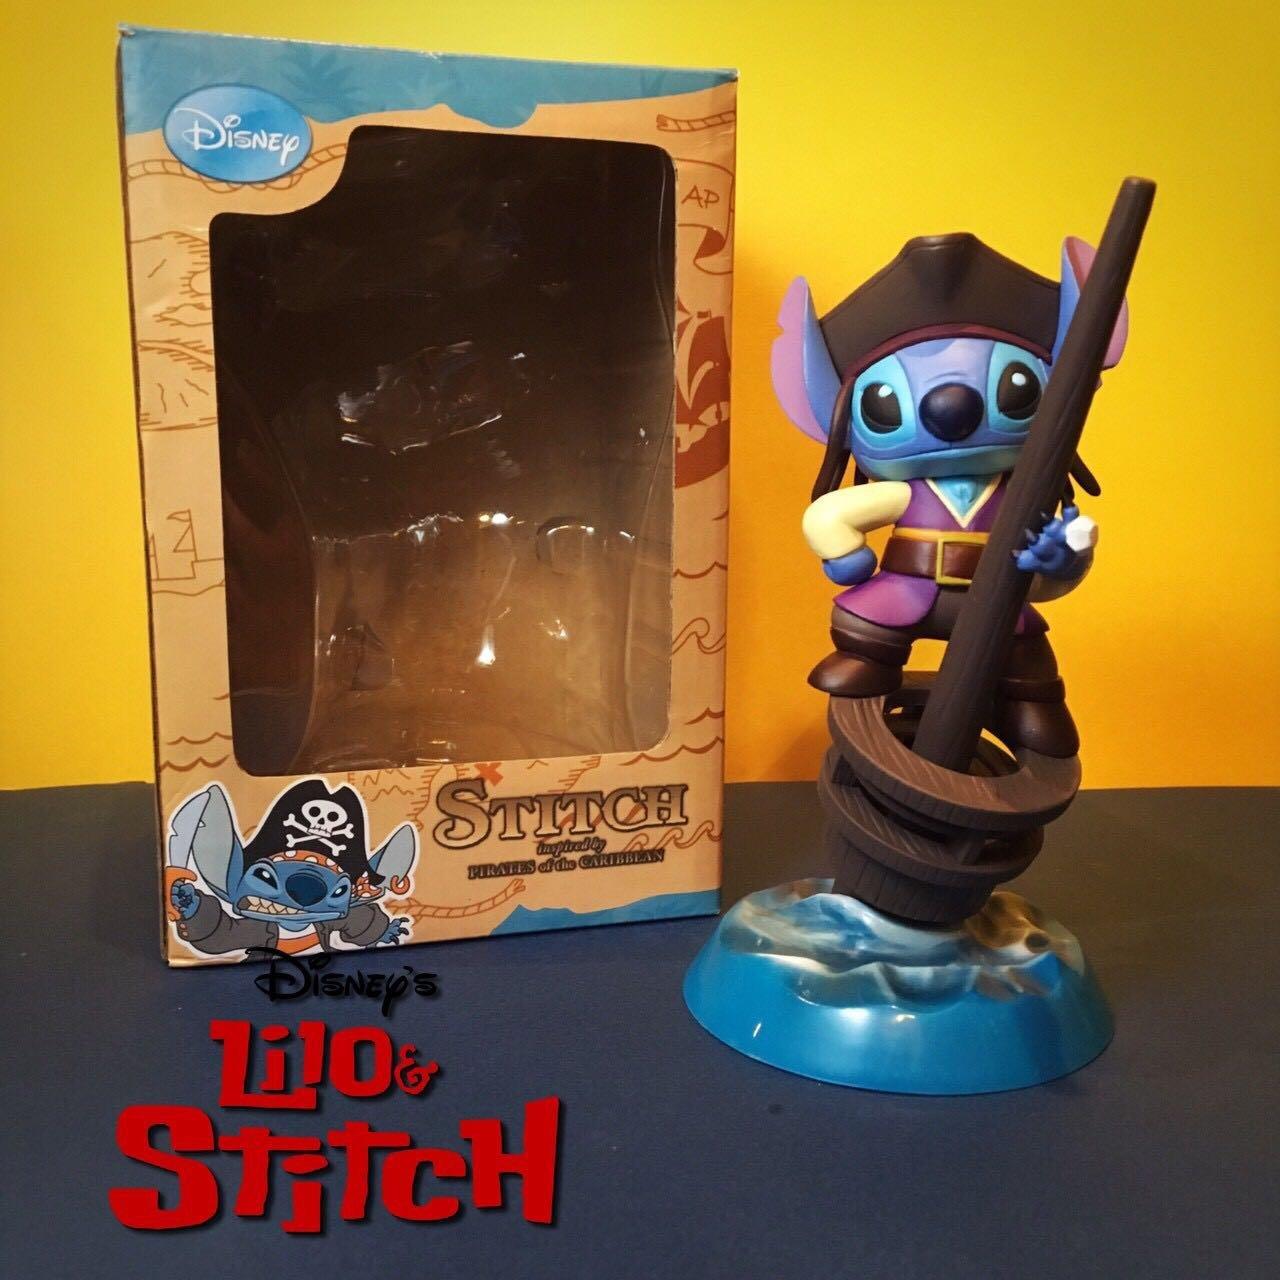 迪士尼 史迪奇 海盜 筆筒 筆座 筆架 筆桶 公仔 玩具 模型 擺件( 鑰匙圈